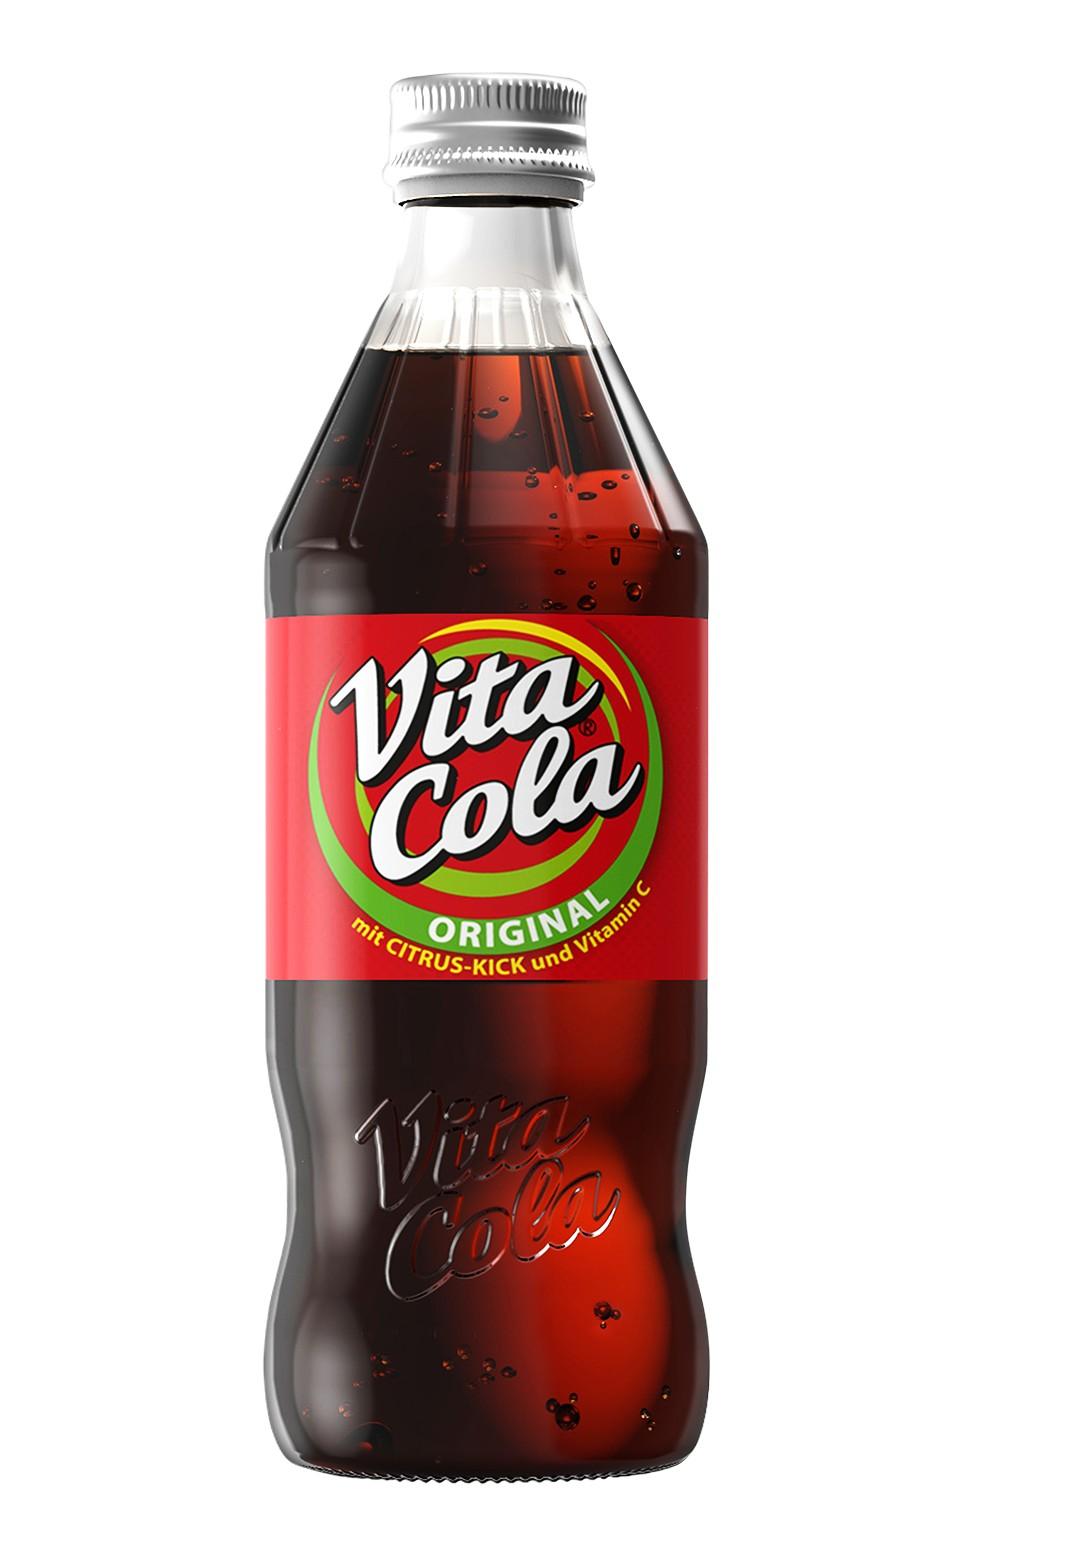 Vita Cola Original in neuer 0,33 l Glasmehrwegflasche | Freie-Pressemitteilungen.de